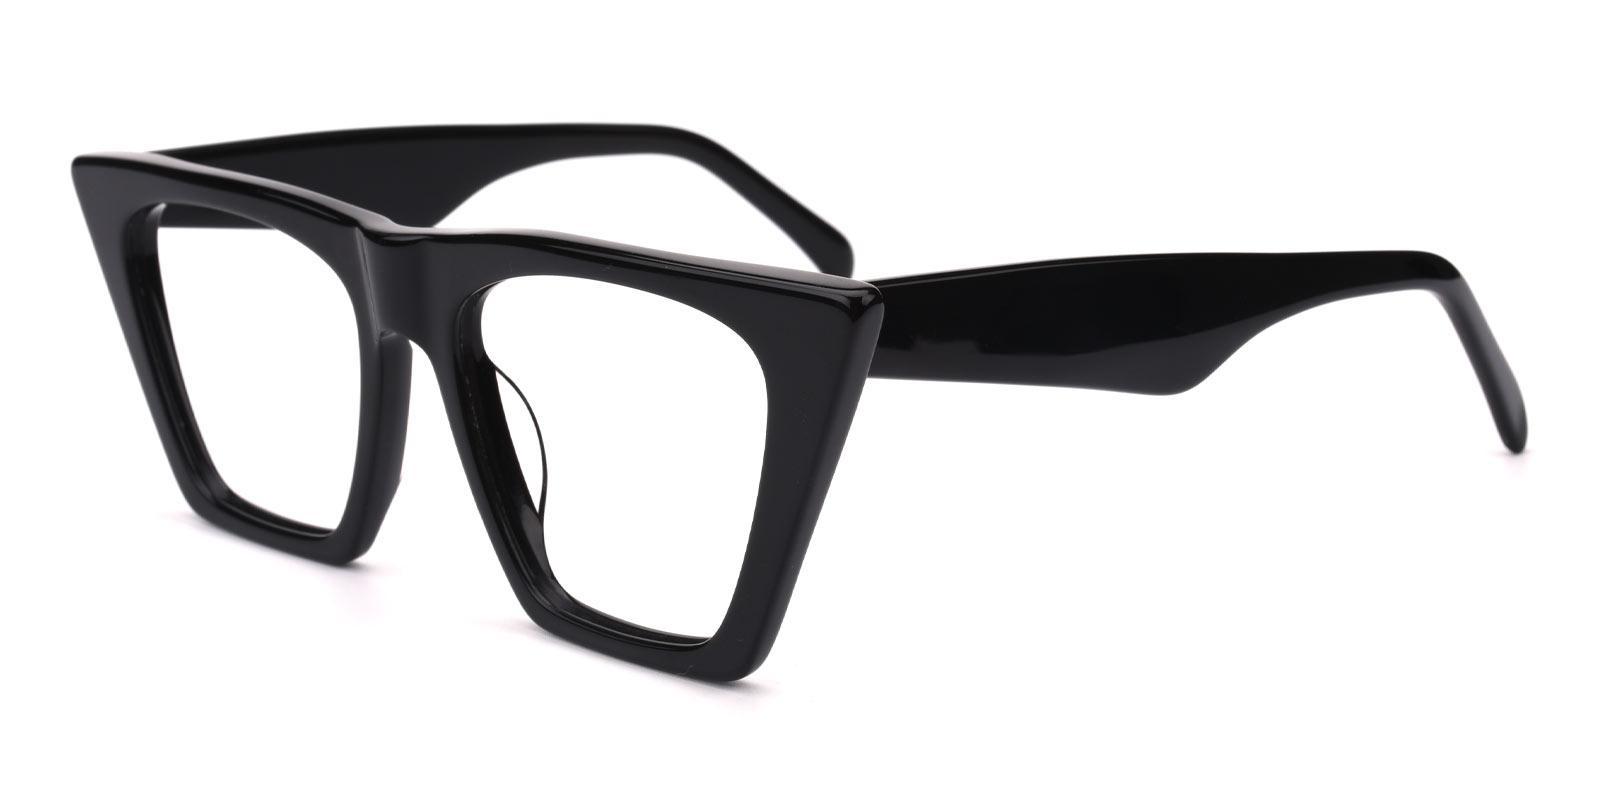 Alva-Black-Cat-Acetate-Eyeglasses-additional1